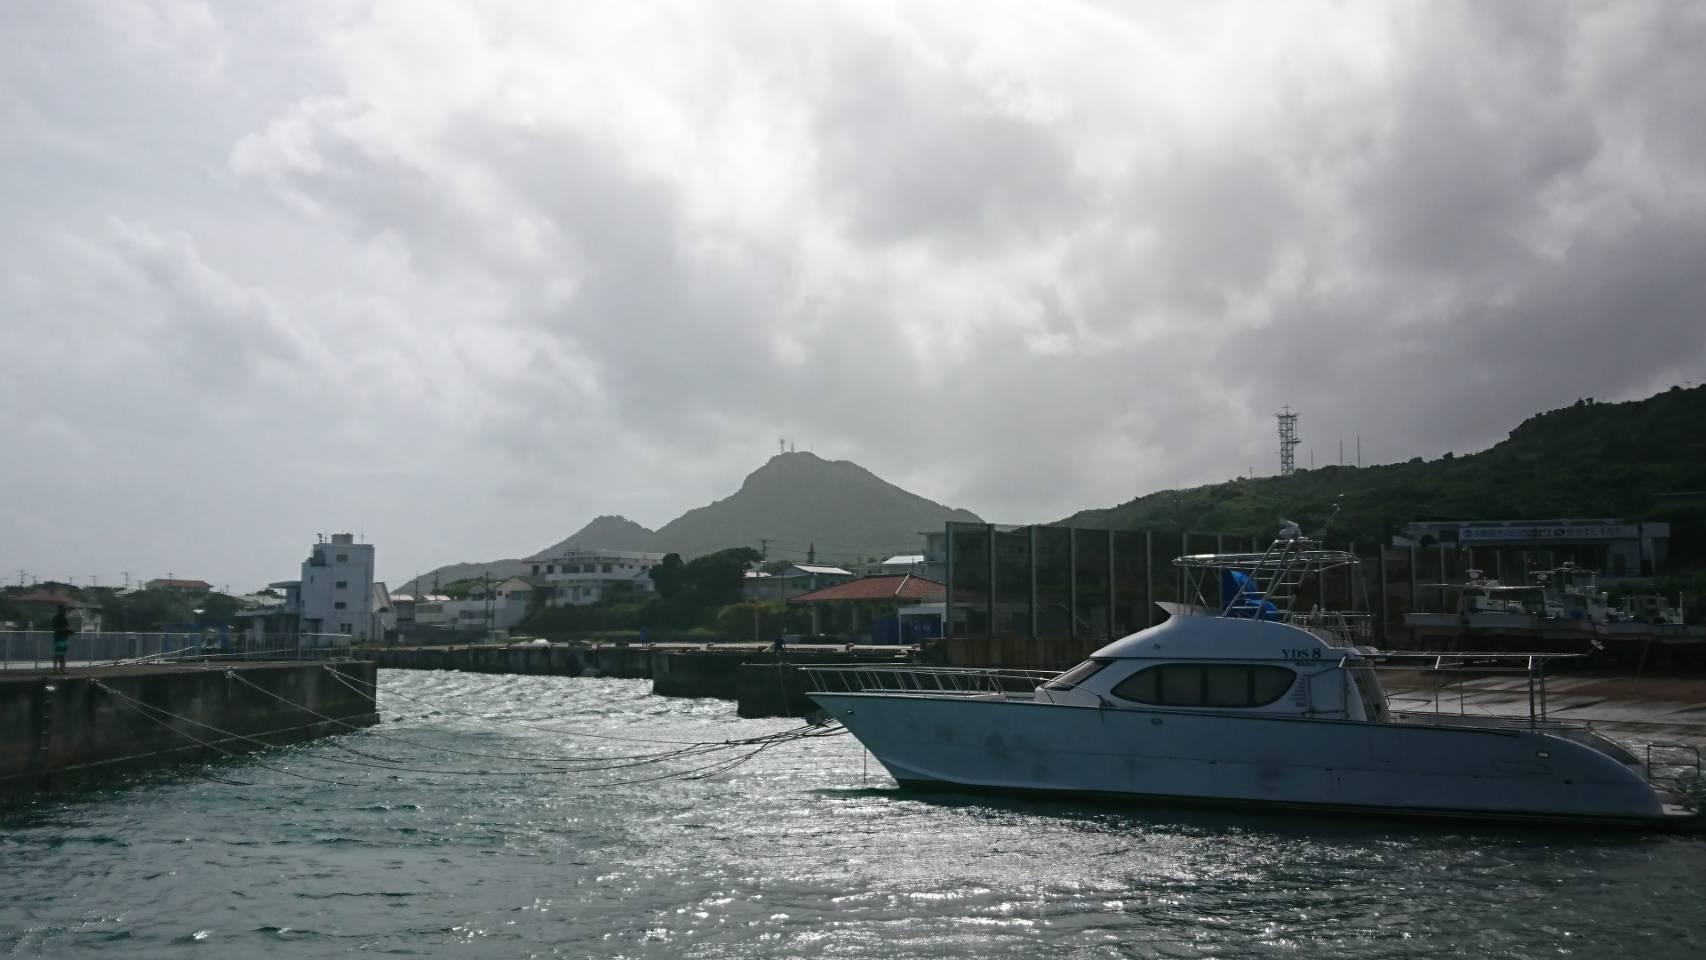 7月21日 台風が来る!!_d0113459_16550858.jpg